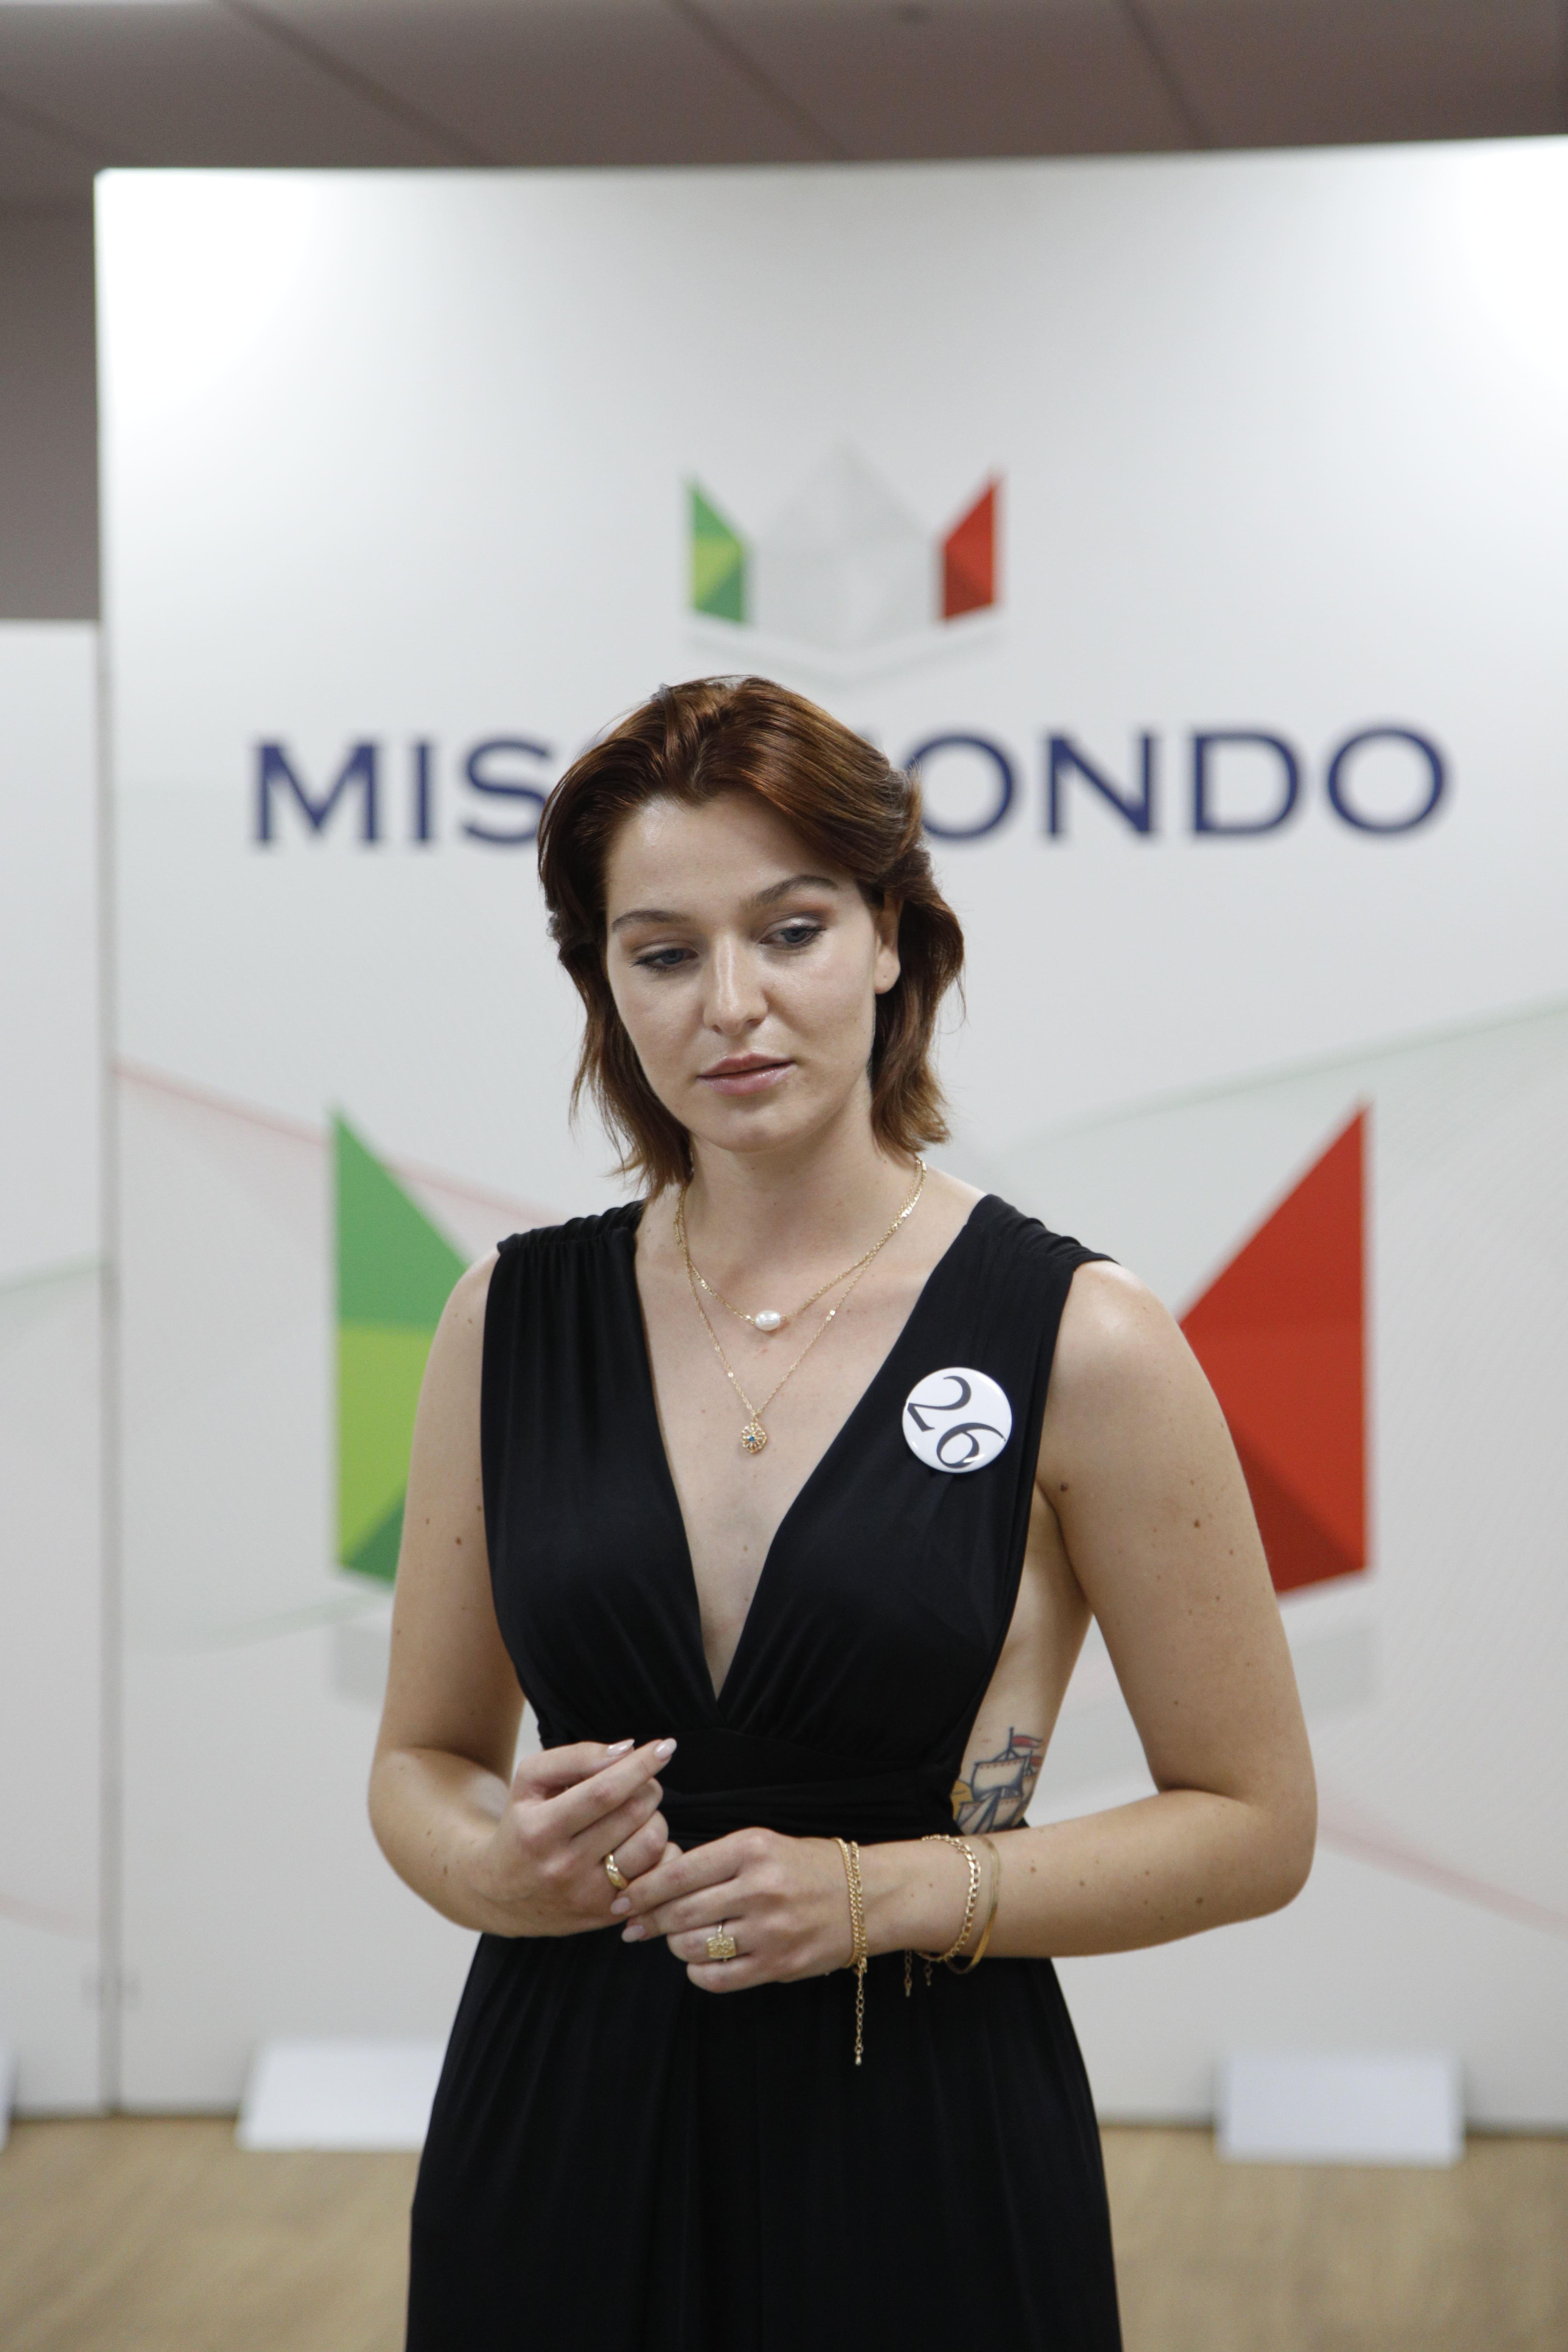 Finale nazione Miss Mondo Italia 2021 Audizione Talent 1 - 17